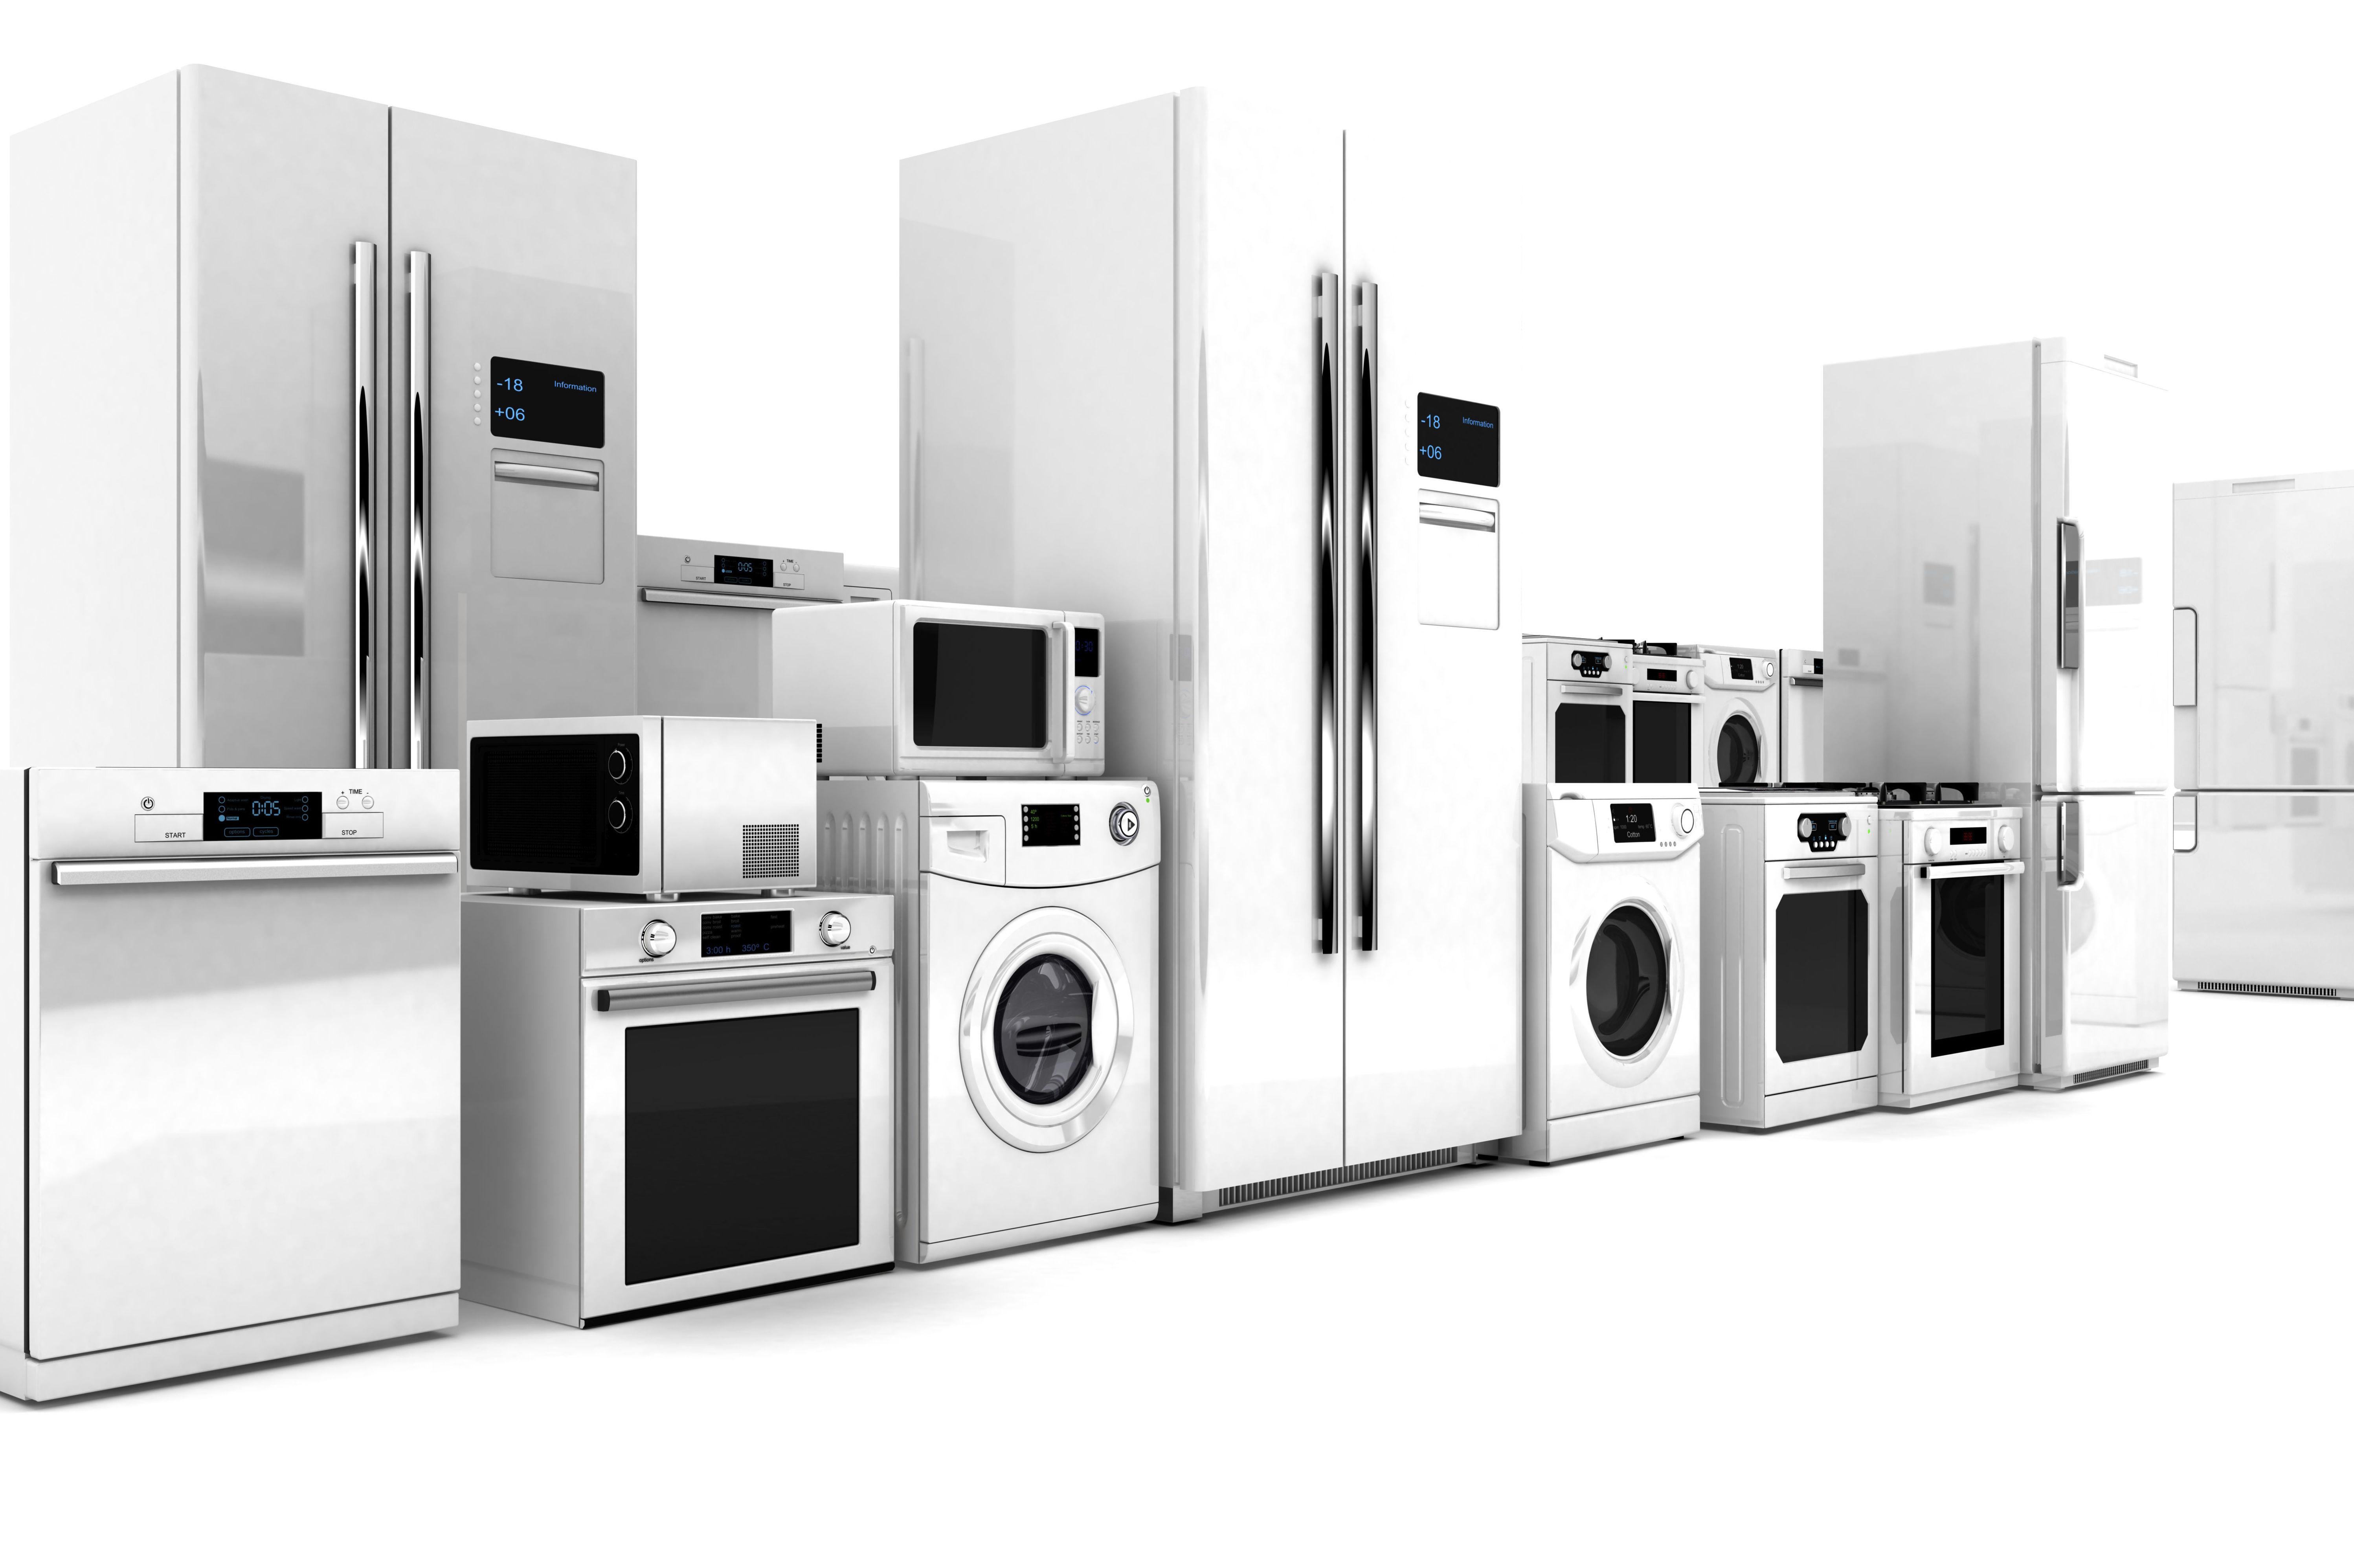 Venta de electrodomésticos de todas las marca en Víctor SAT, Santiago de Compostela